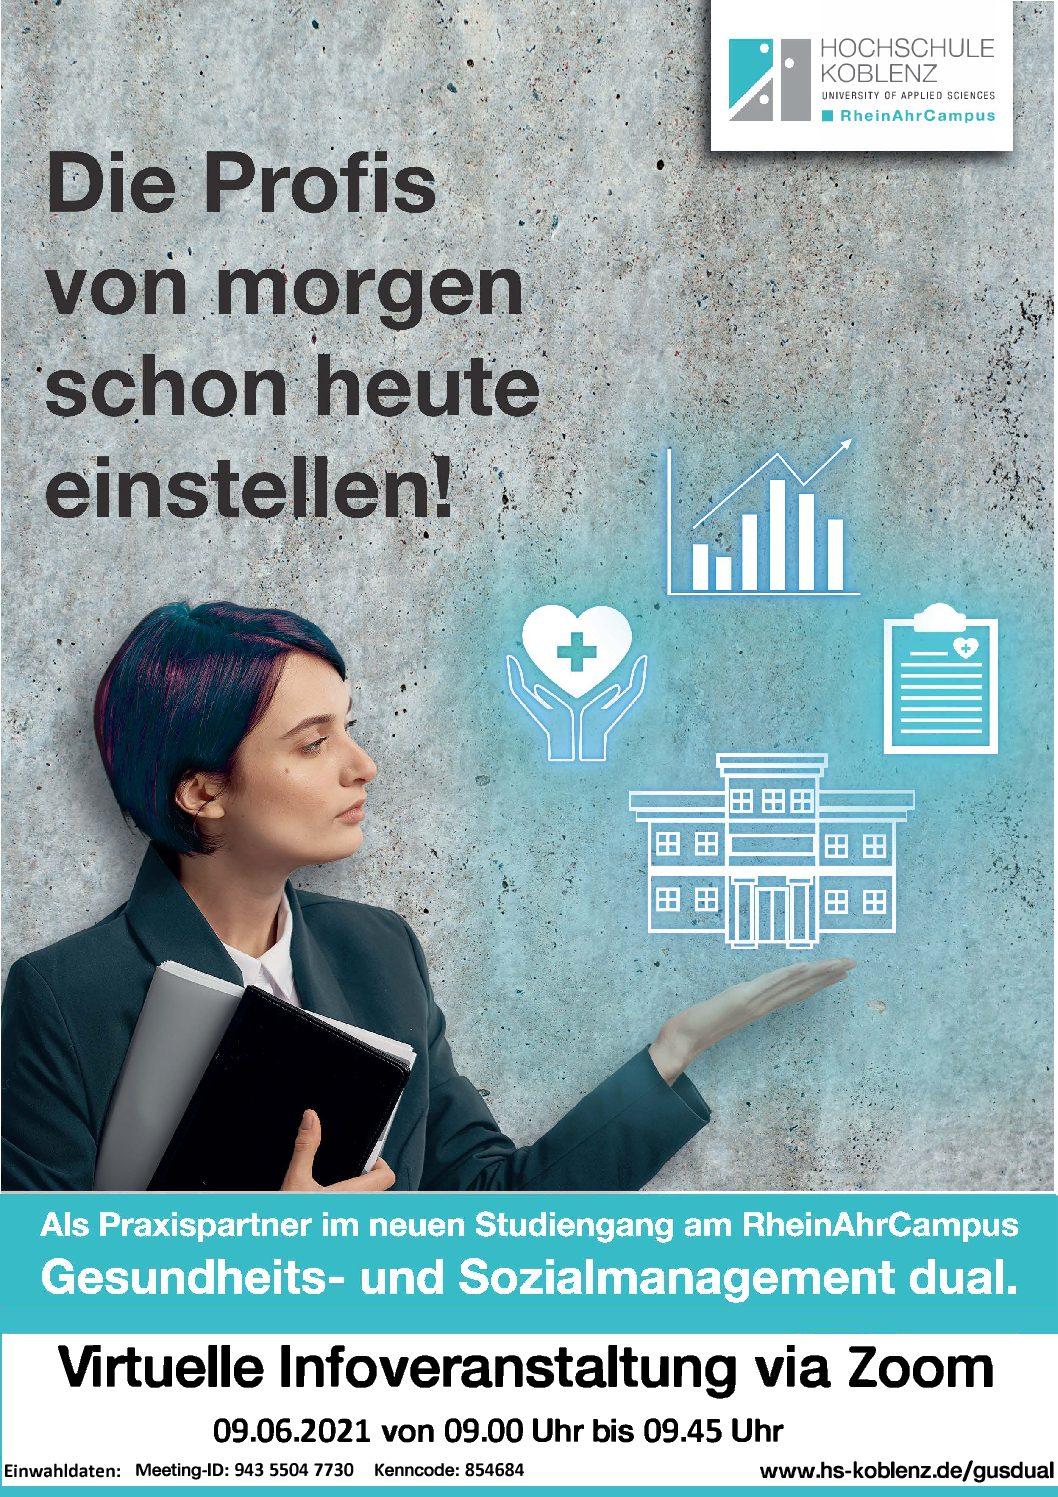 """You are currently viewing Virtuelle Infoveranstaltung zum dualen Studiengang """"Gesundheits- und Sozialmanagement"""" am 09.06.,RheinAhrCampus"""